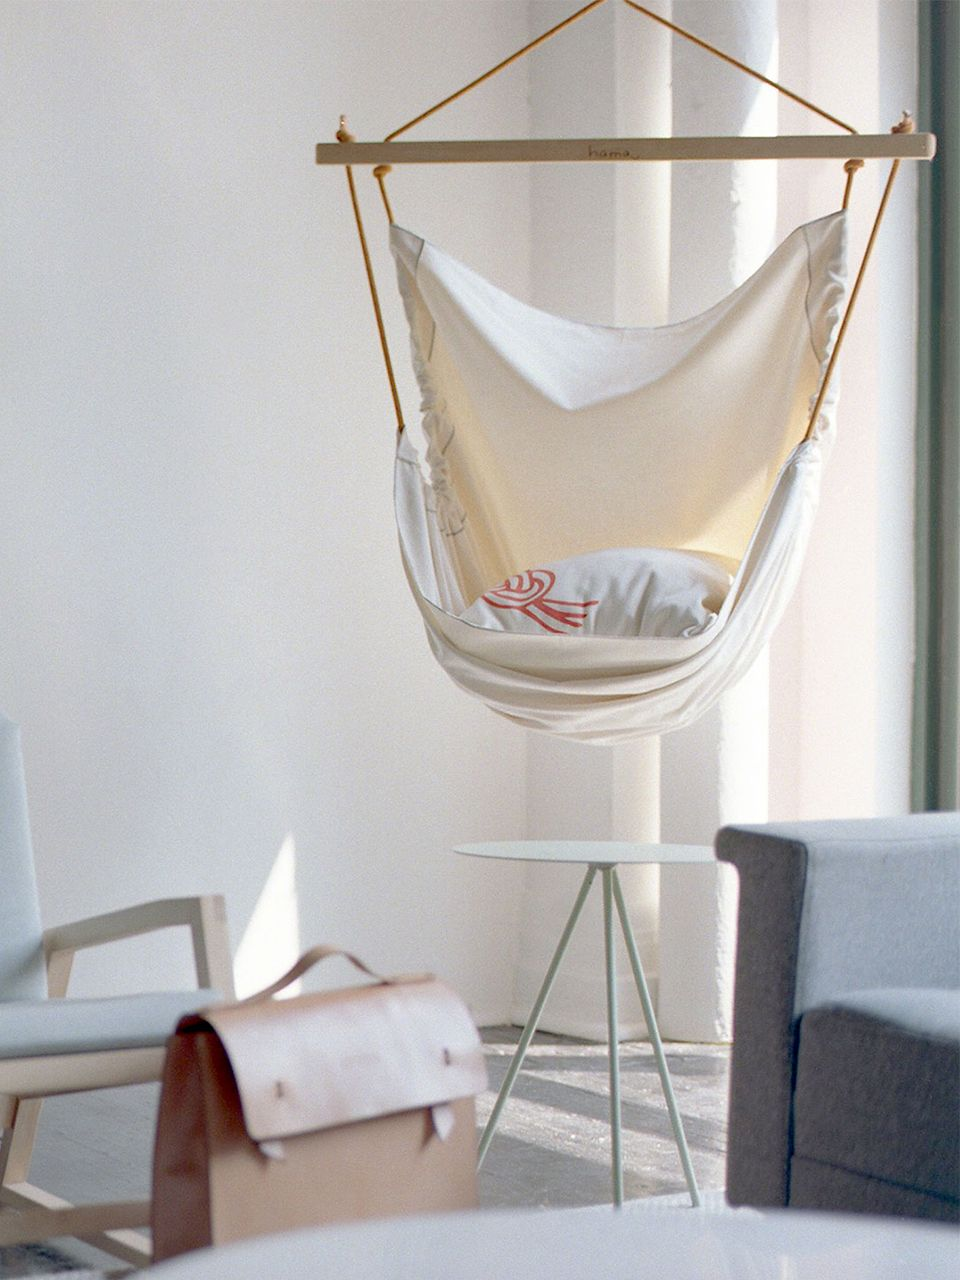 Hamac urbain design hamac intérieur ou extérieur fait avec des cordes descalades recyclées